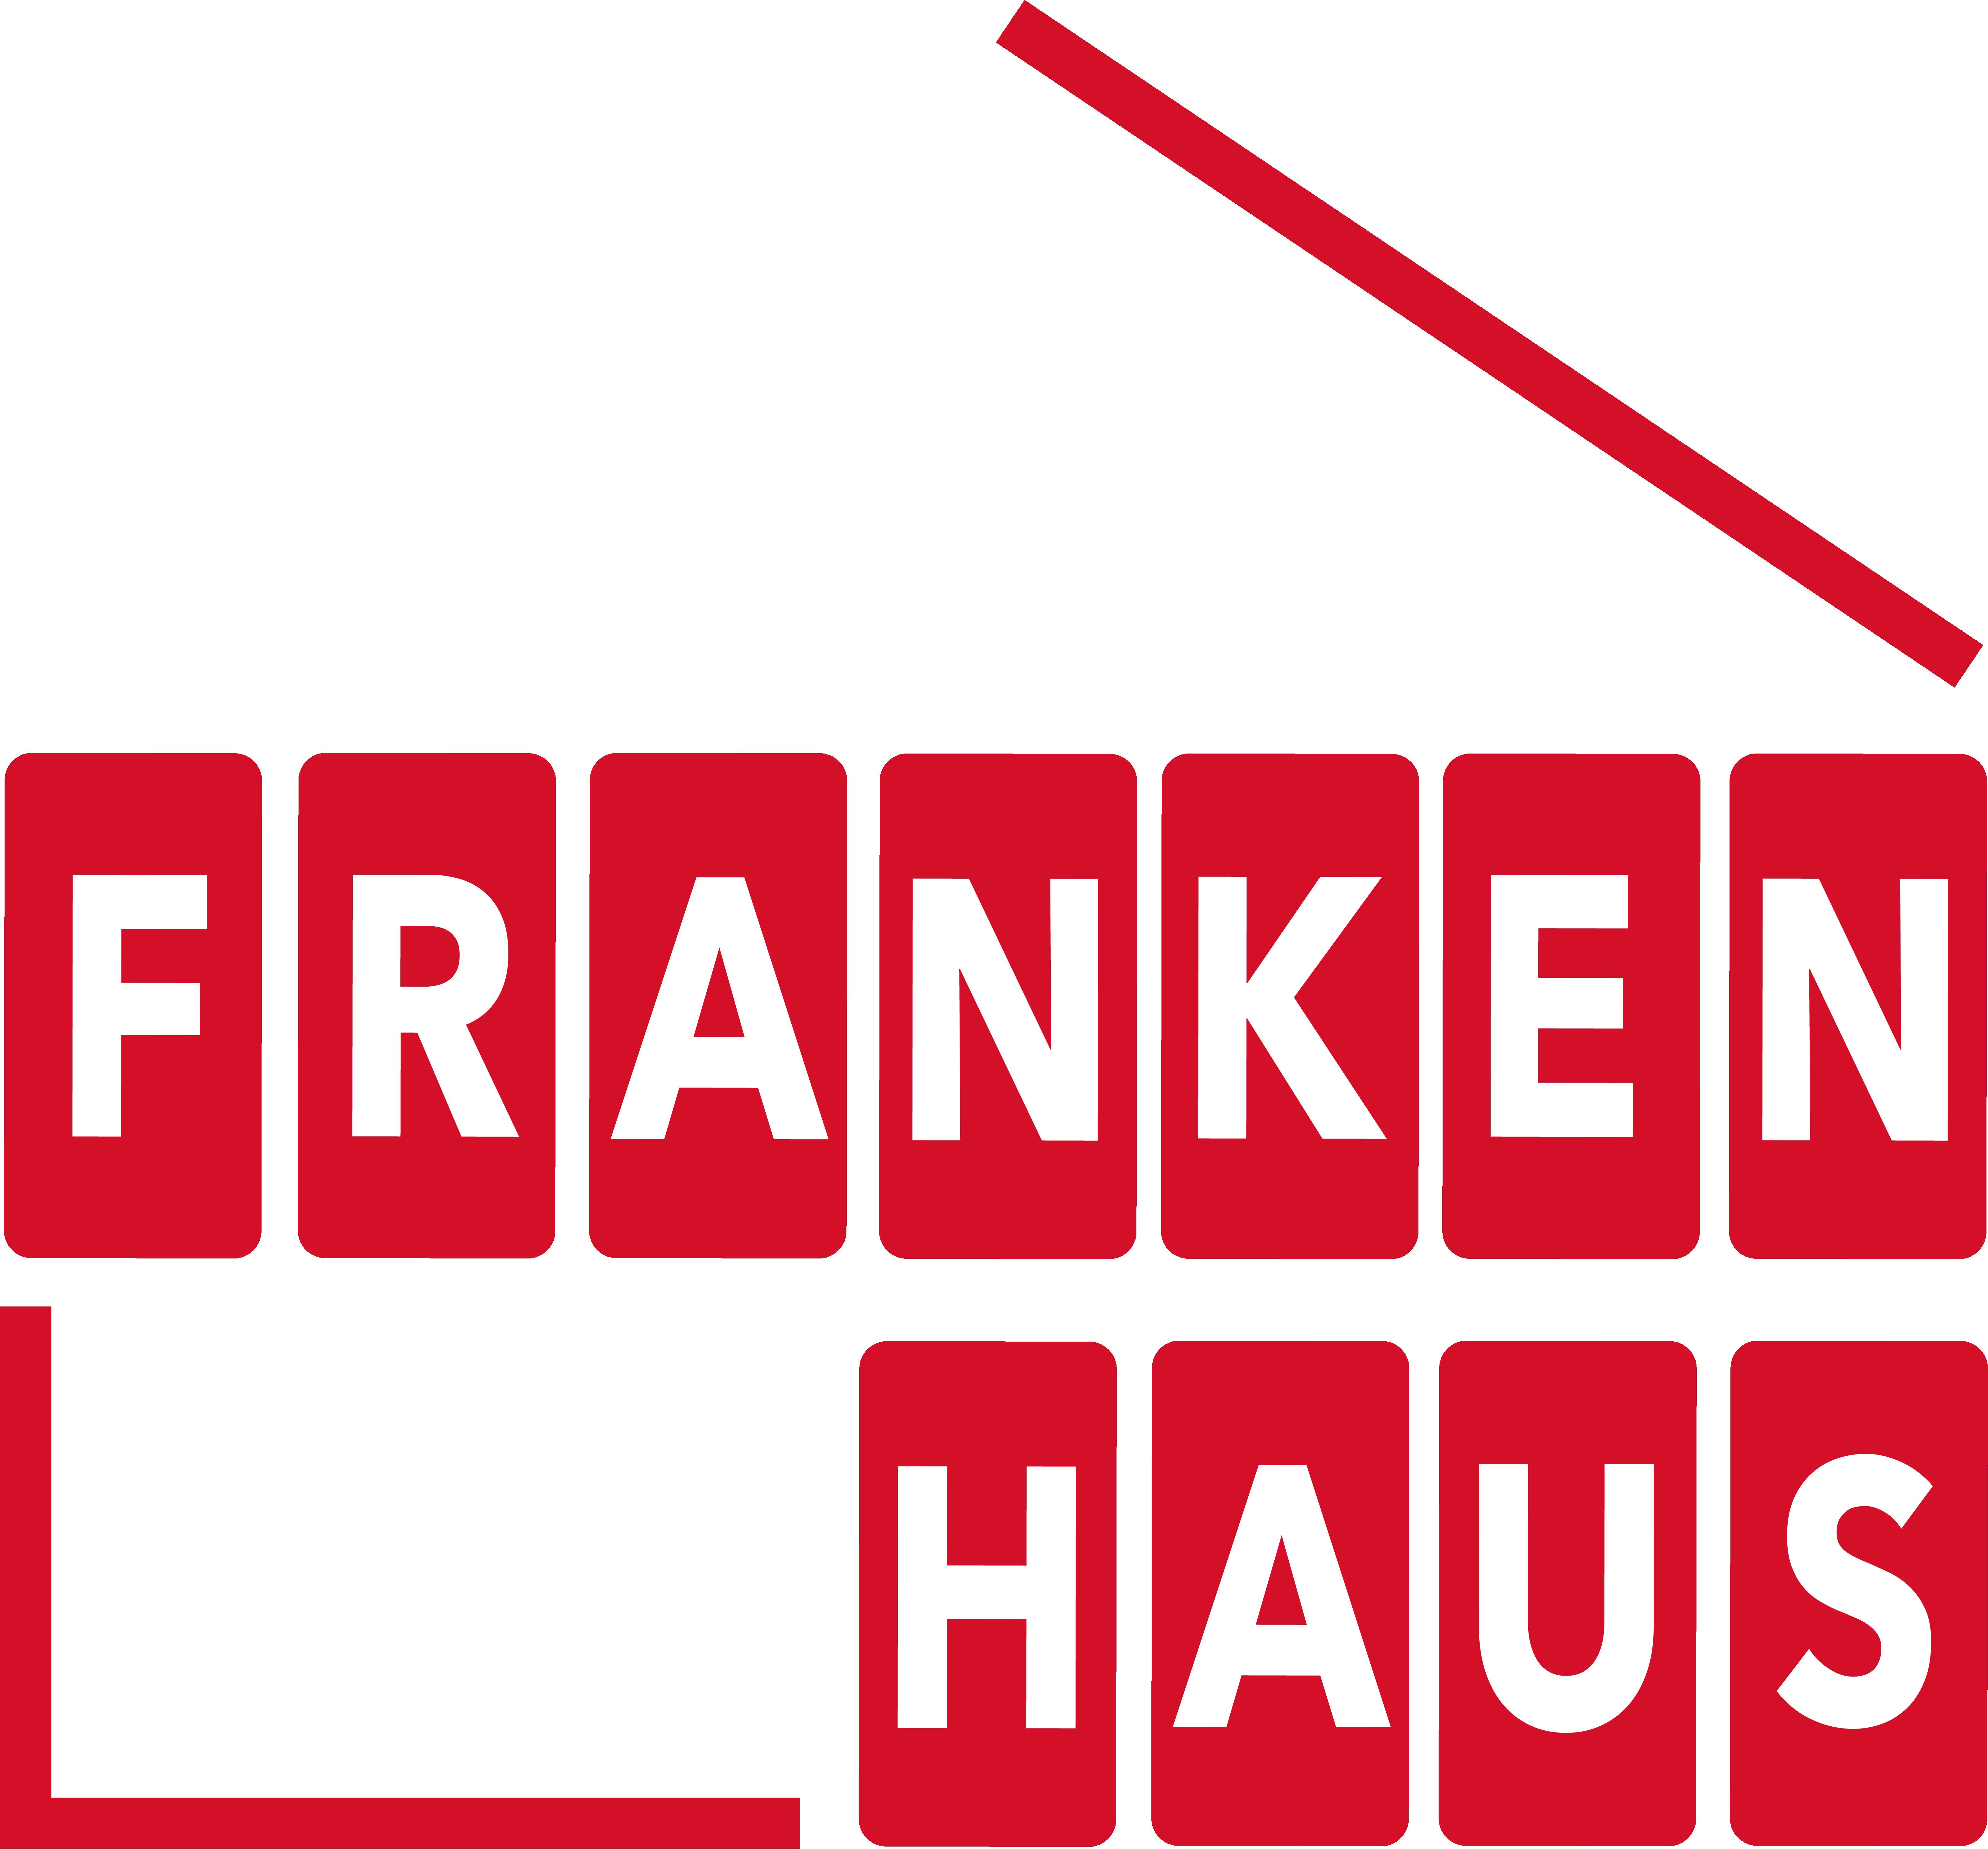 Frankenhaus